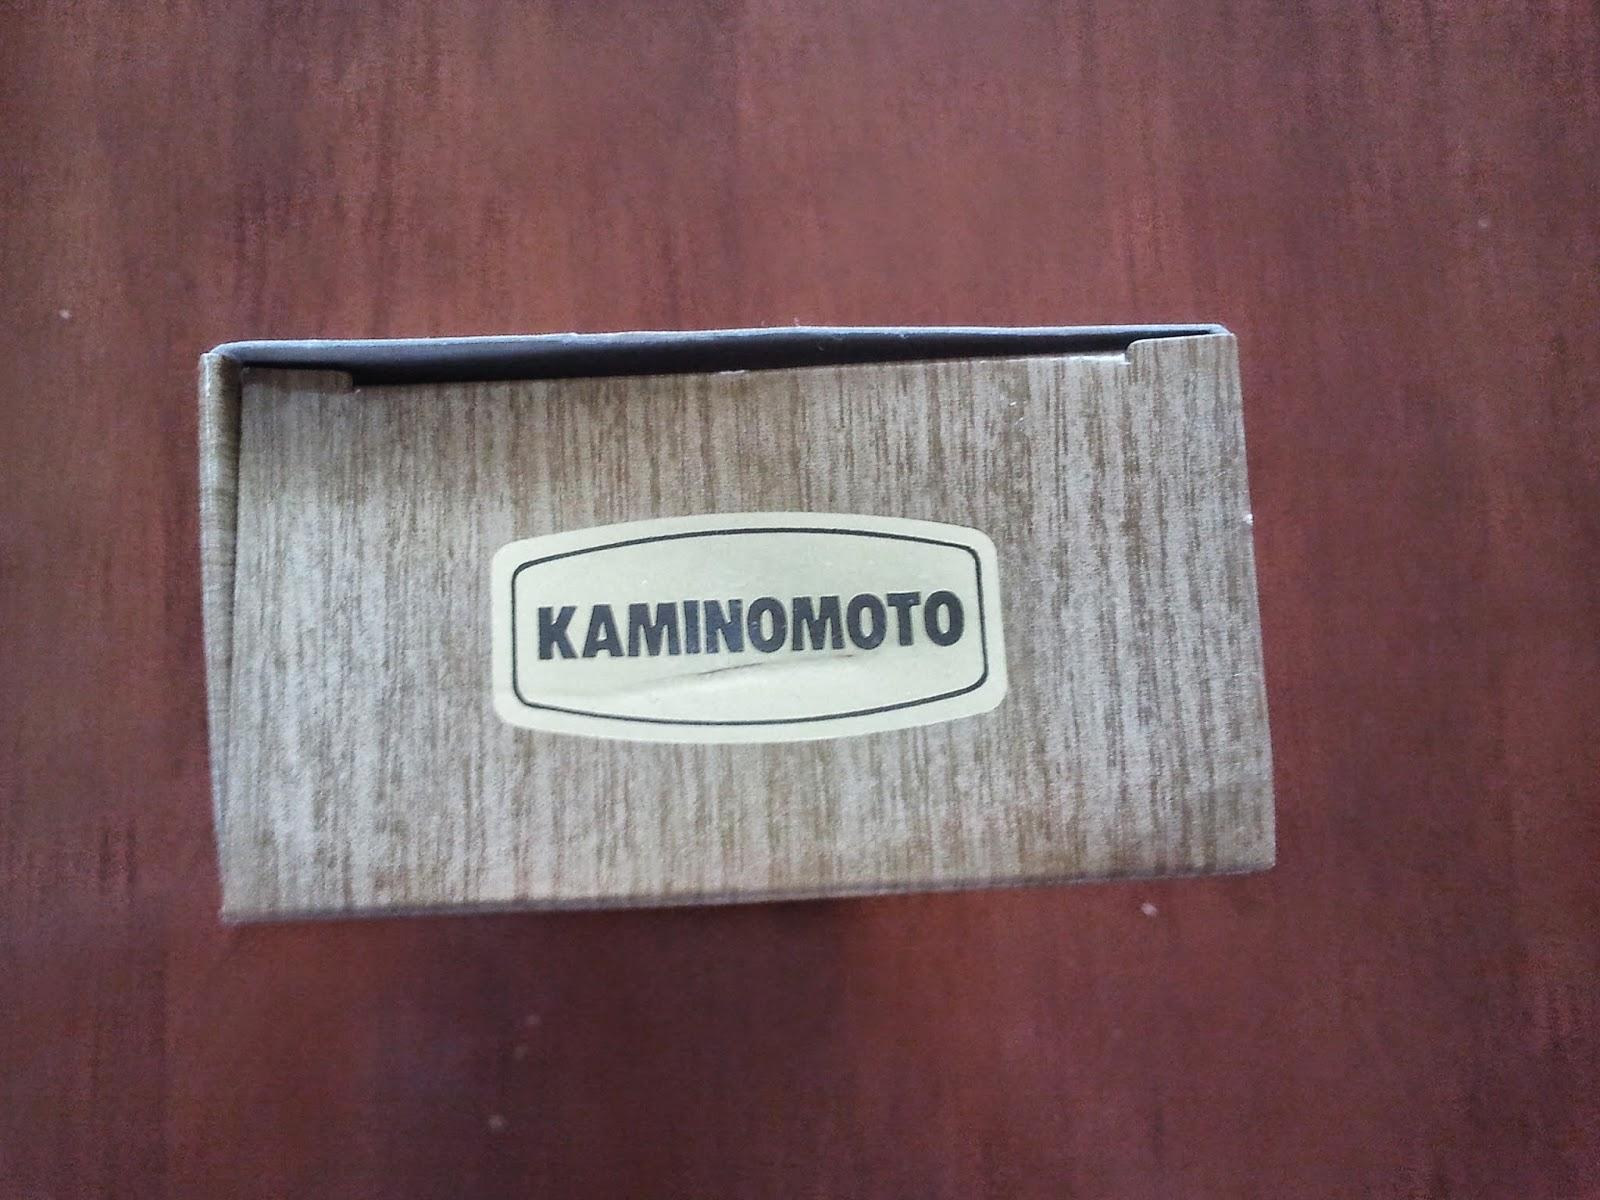 kaminomoto hair